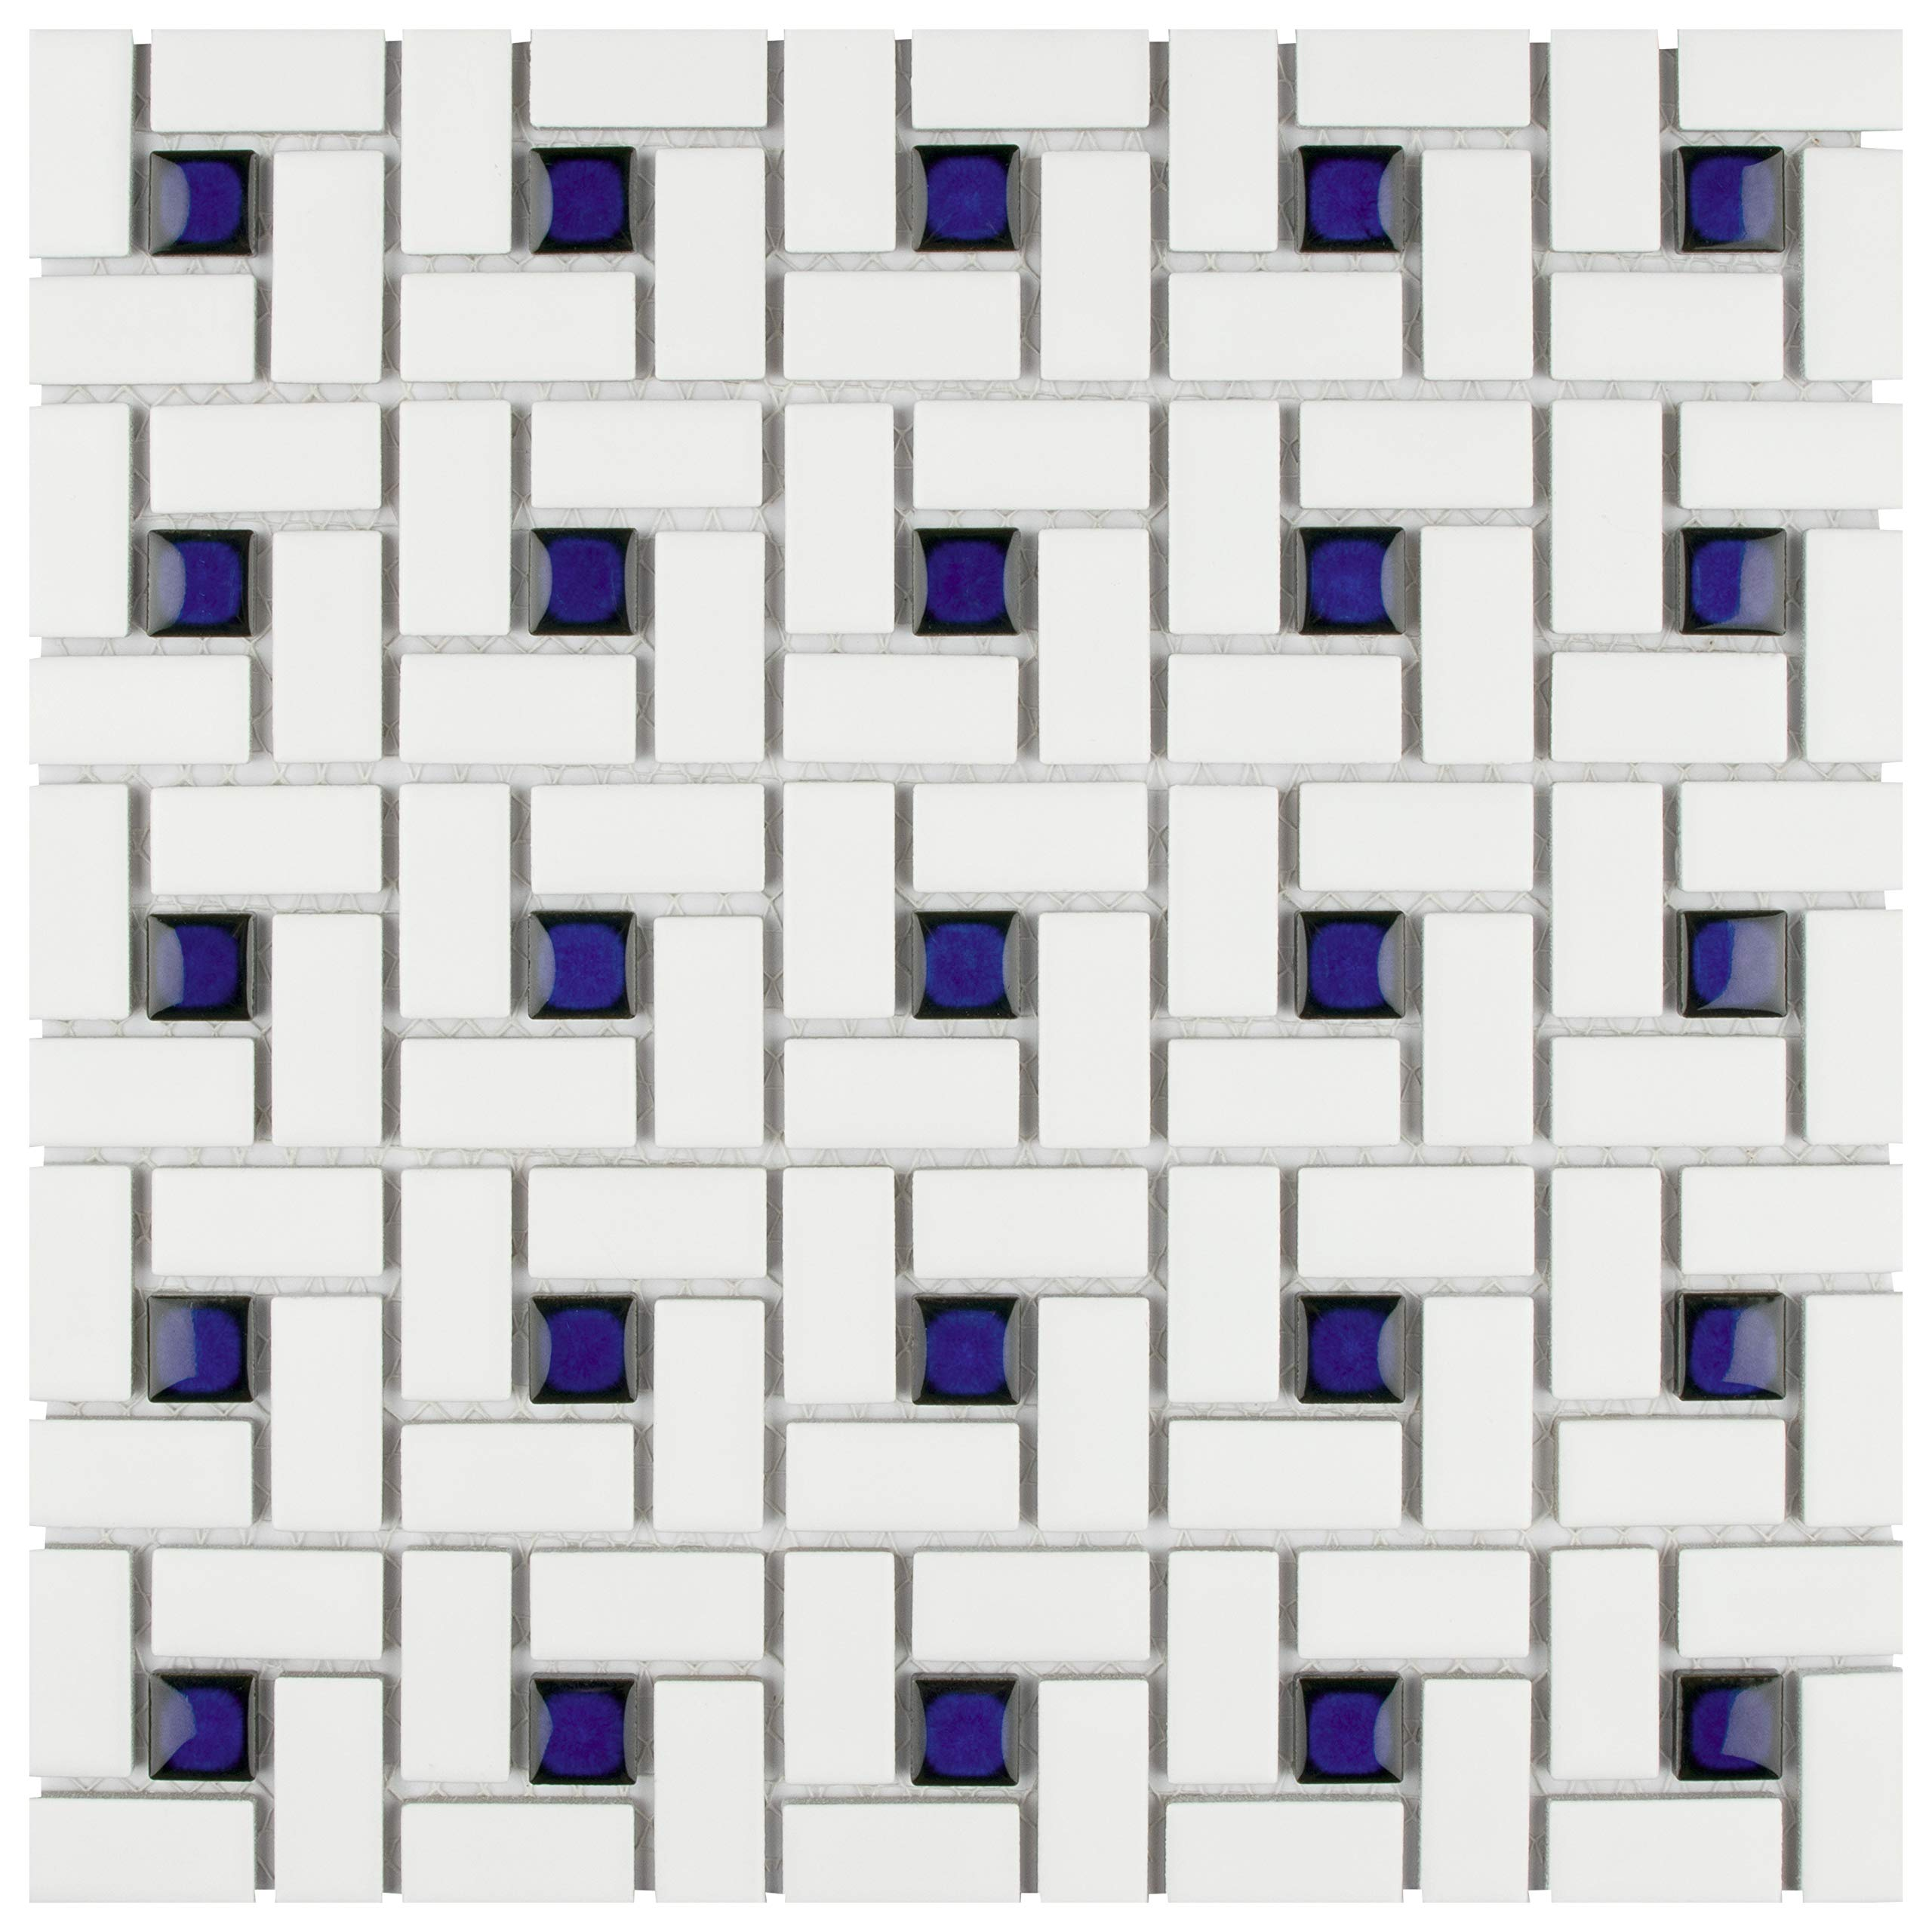 SomerTile FKOMSP24 Retro Spiral Porcelain Floor and Wall Tile, 12.5'' x 12.5'', White/Blue